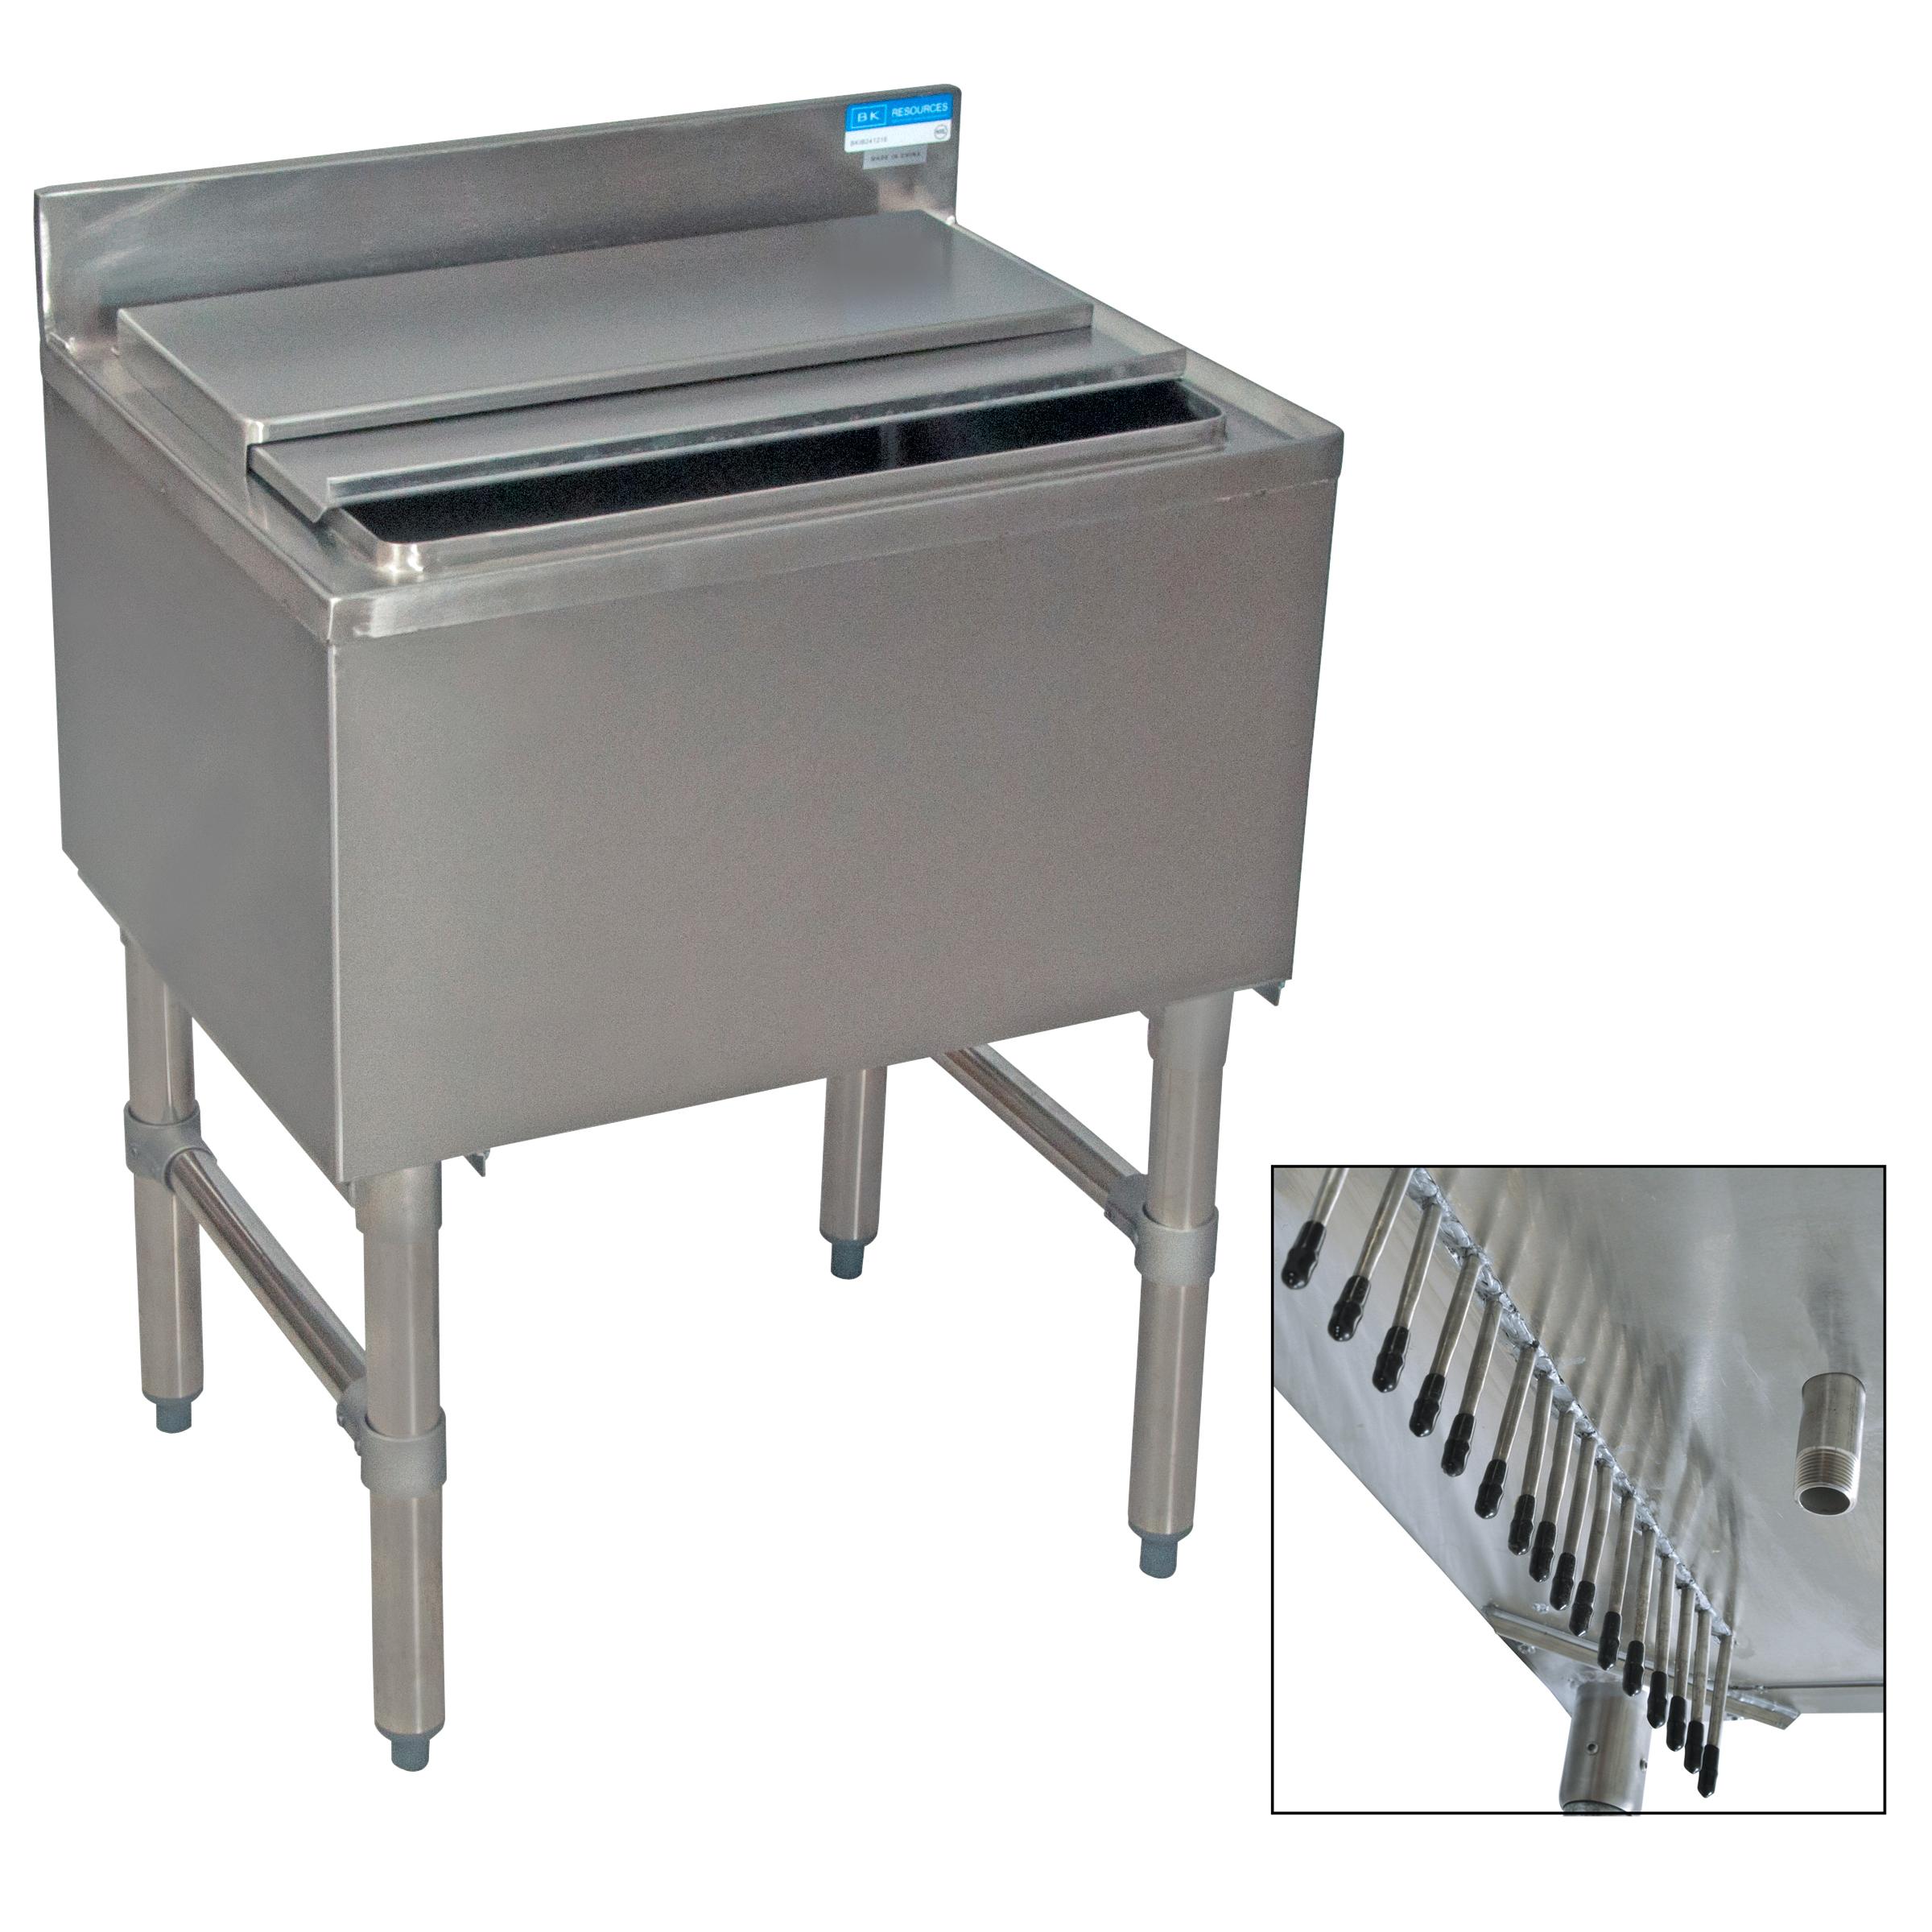 BK Resources BKIB-CP8-3612-21S underbar ice bin/cocktail unit